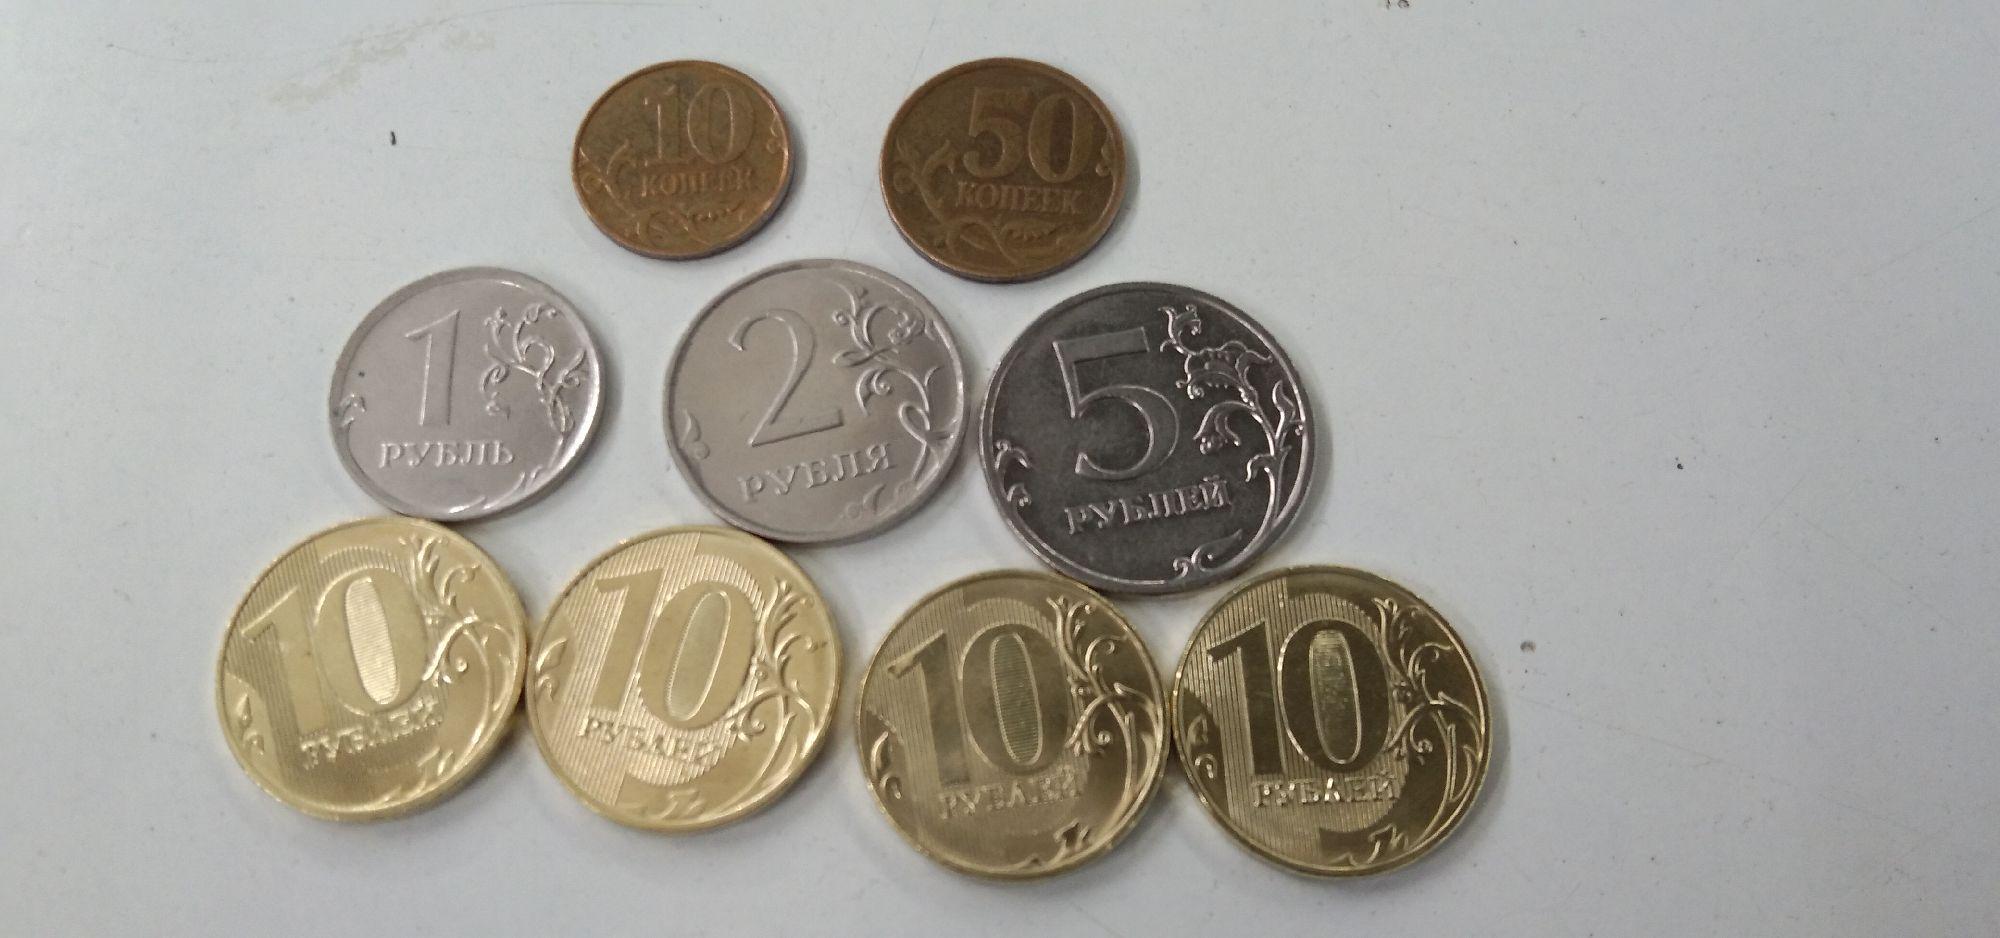 Посмотрите на фотографии монет из моего кошелька. Это сегодняшняя сдача. Банкноты так же – новенькие. Но по ним трудно без специальных знаний судить о проводимой в стране девальвации.А вот по монетам – можно.